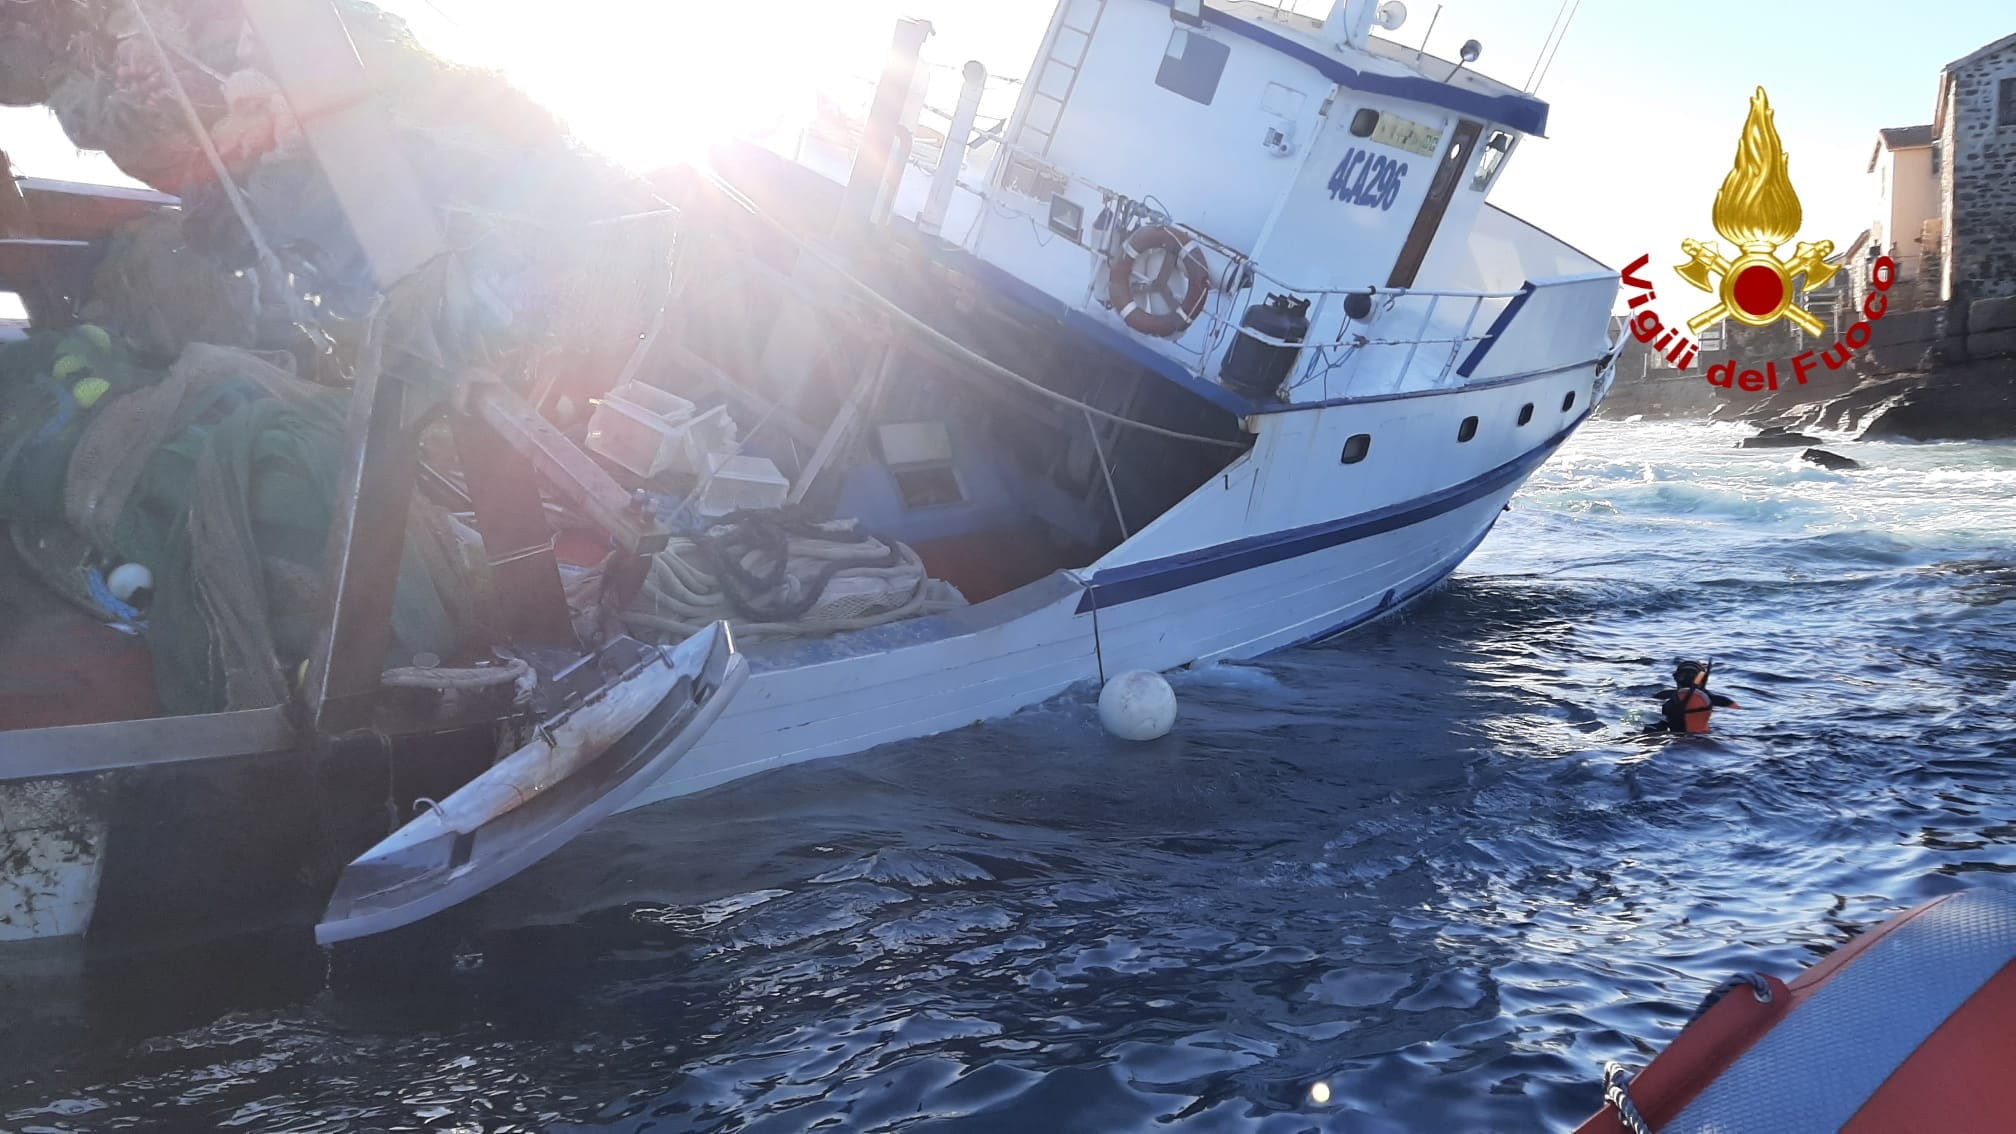 peschereccio-incagliato-carloforte (2)